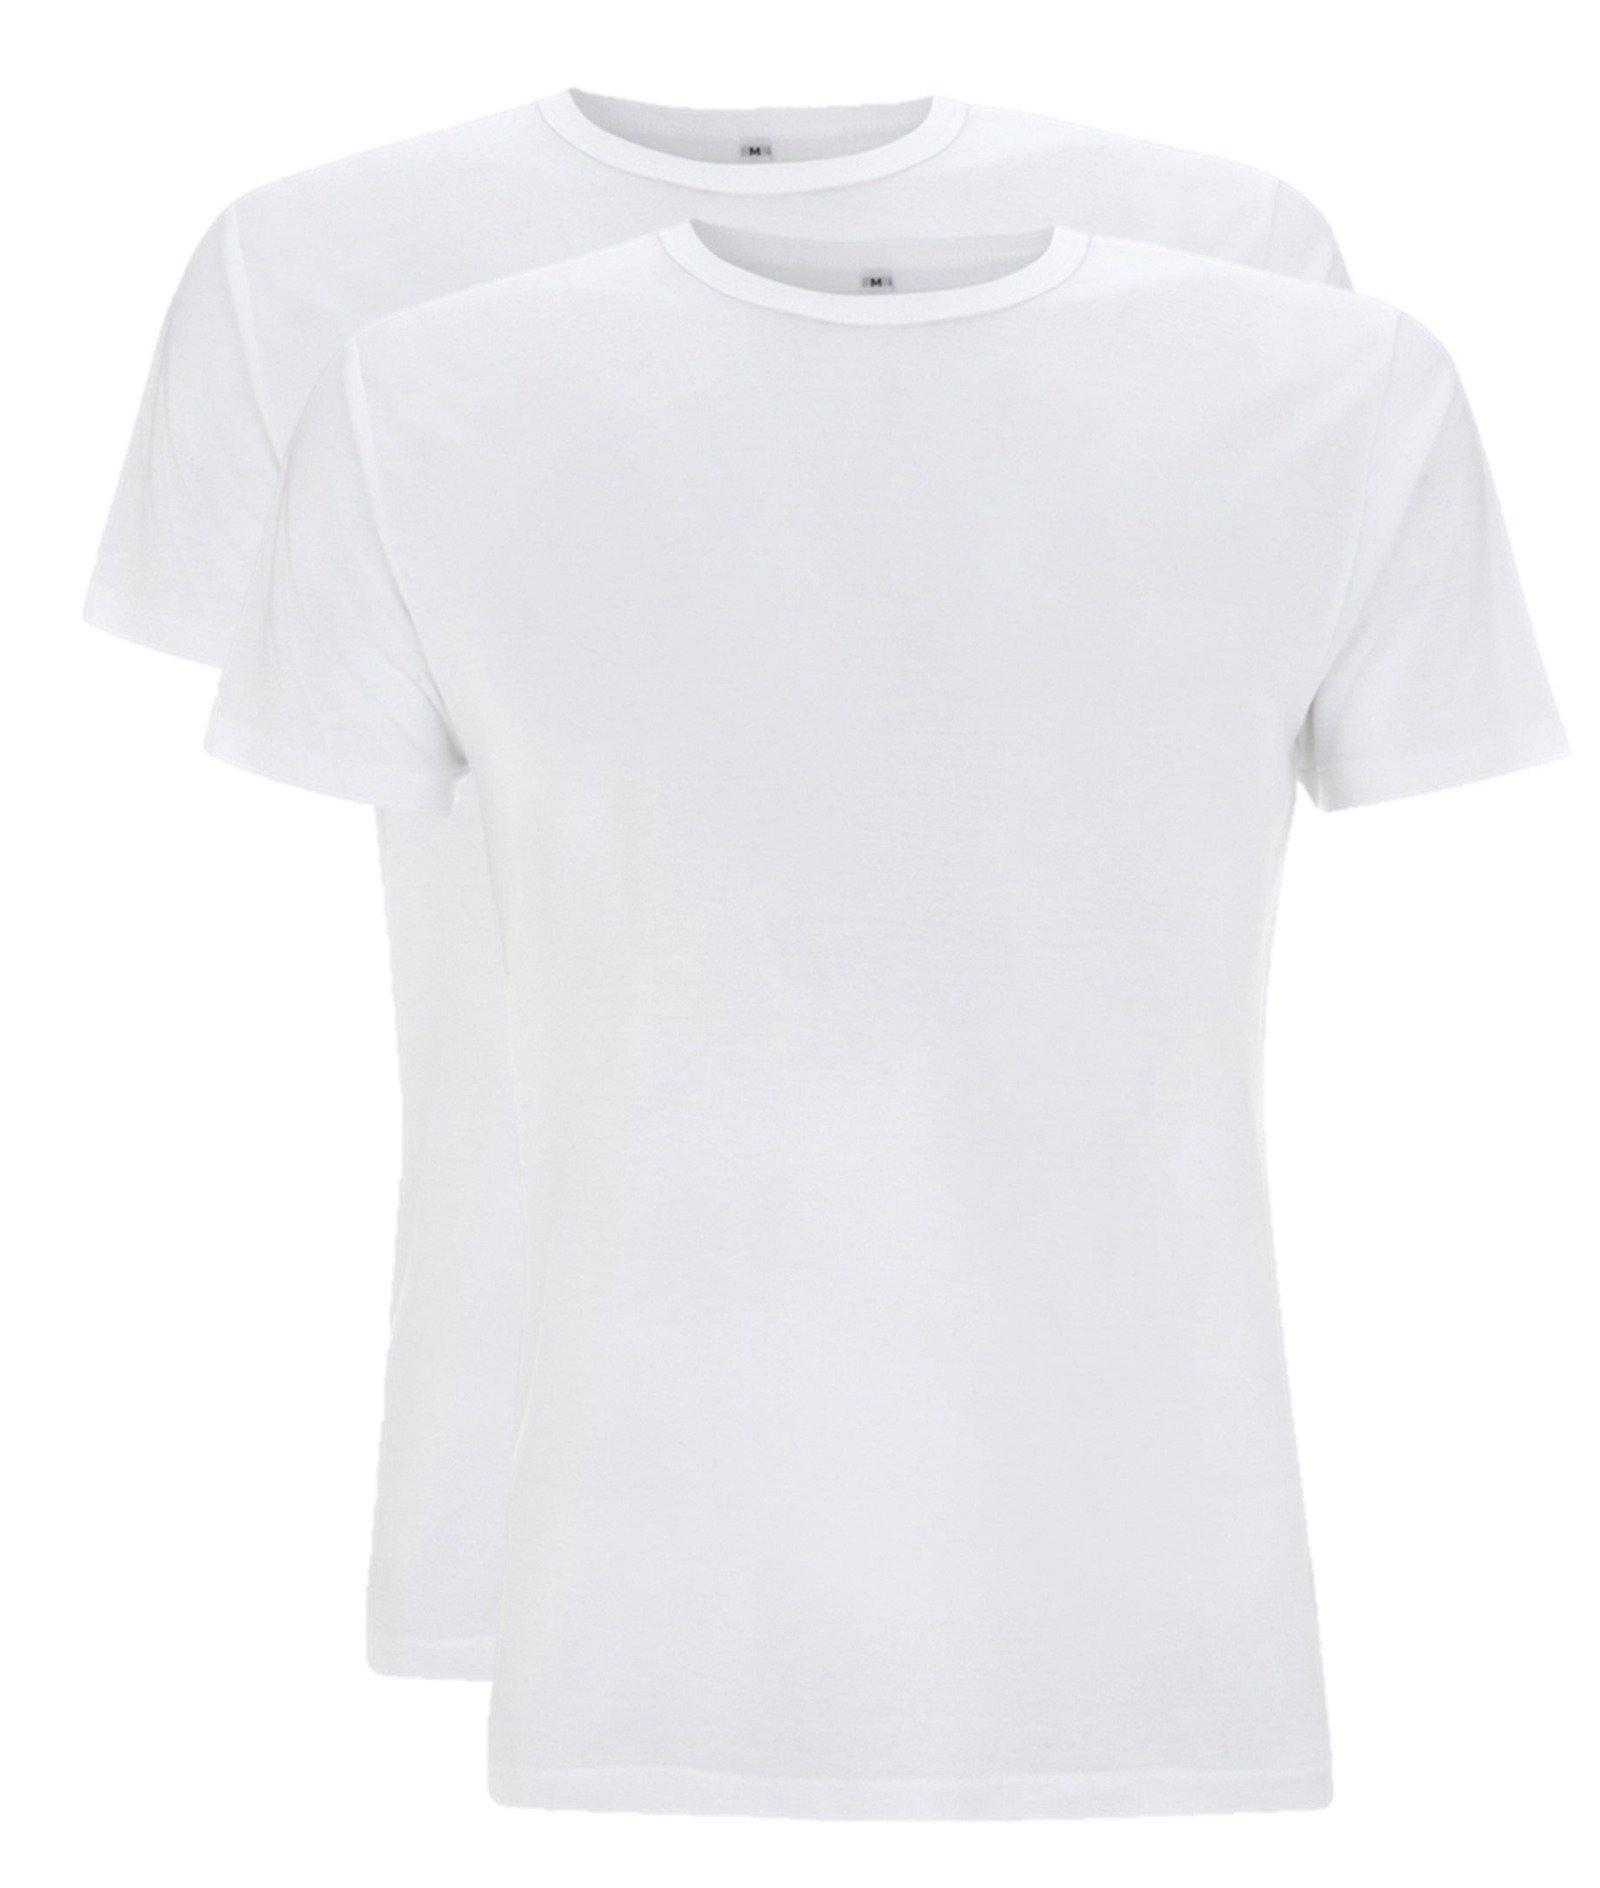 Bamboe t-shirt heren 2-pack Blauw